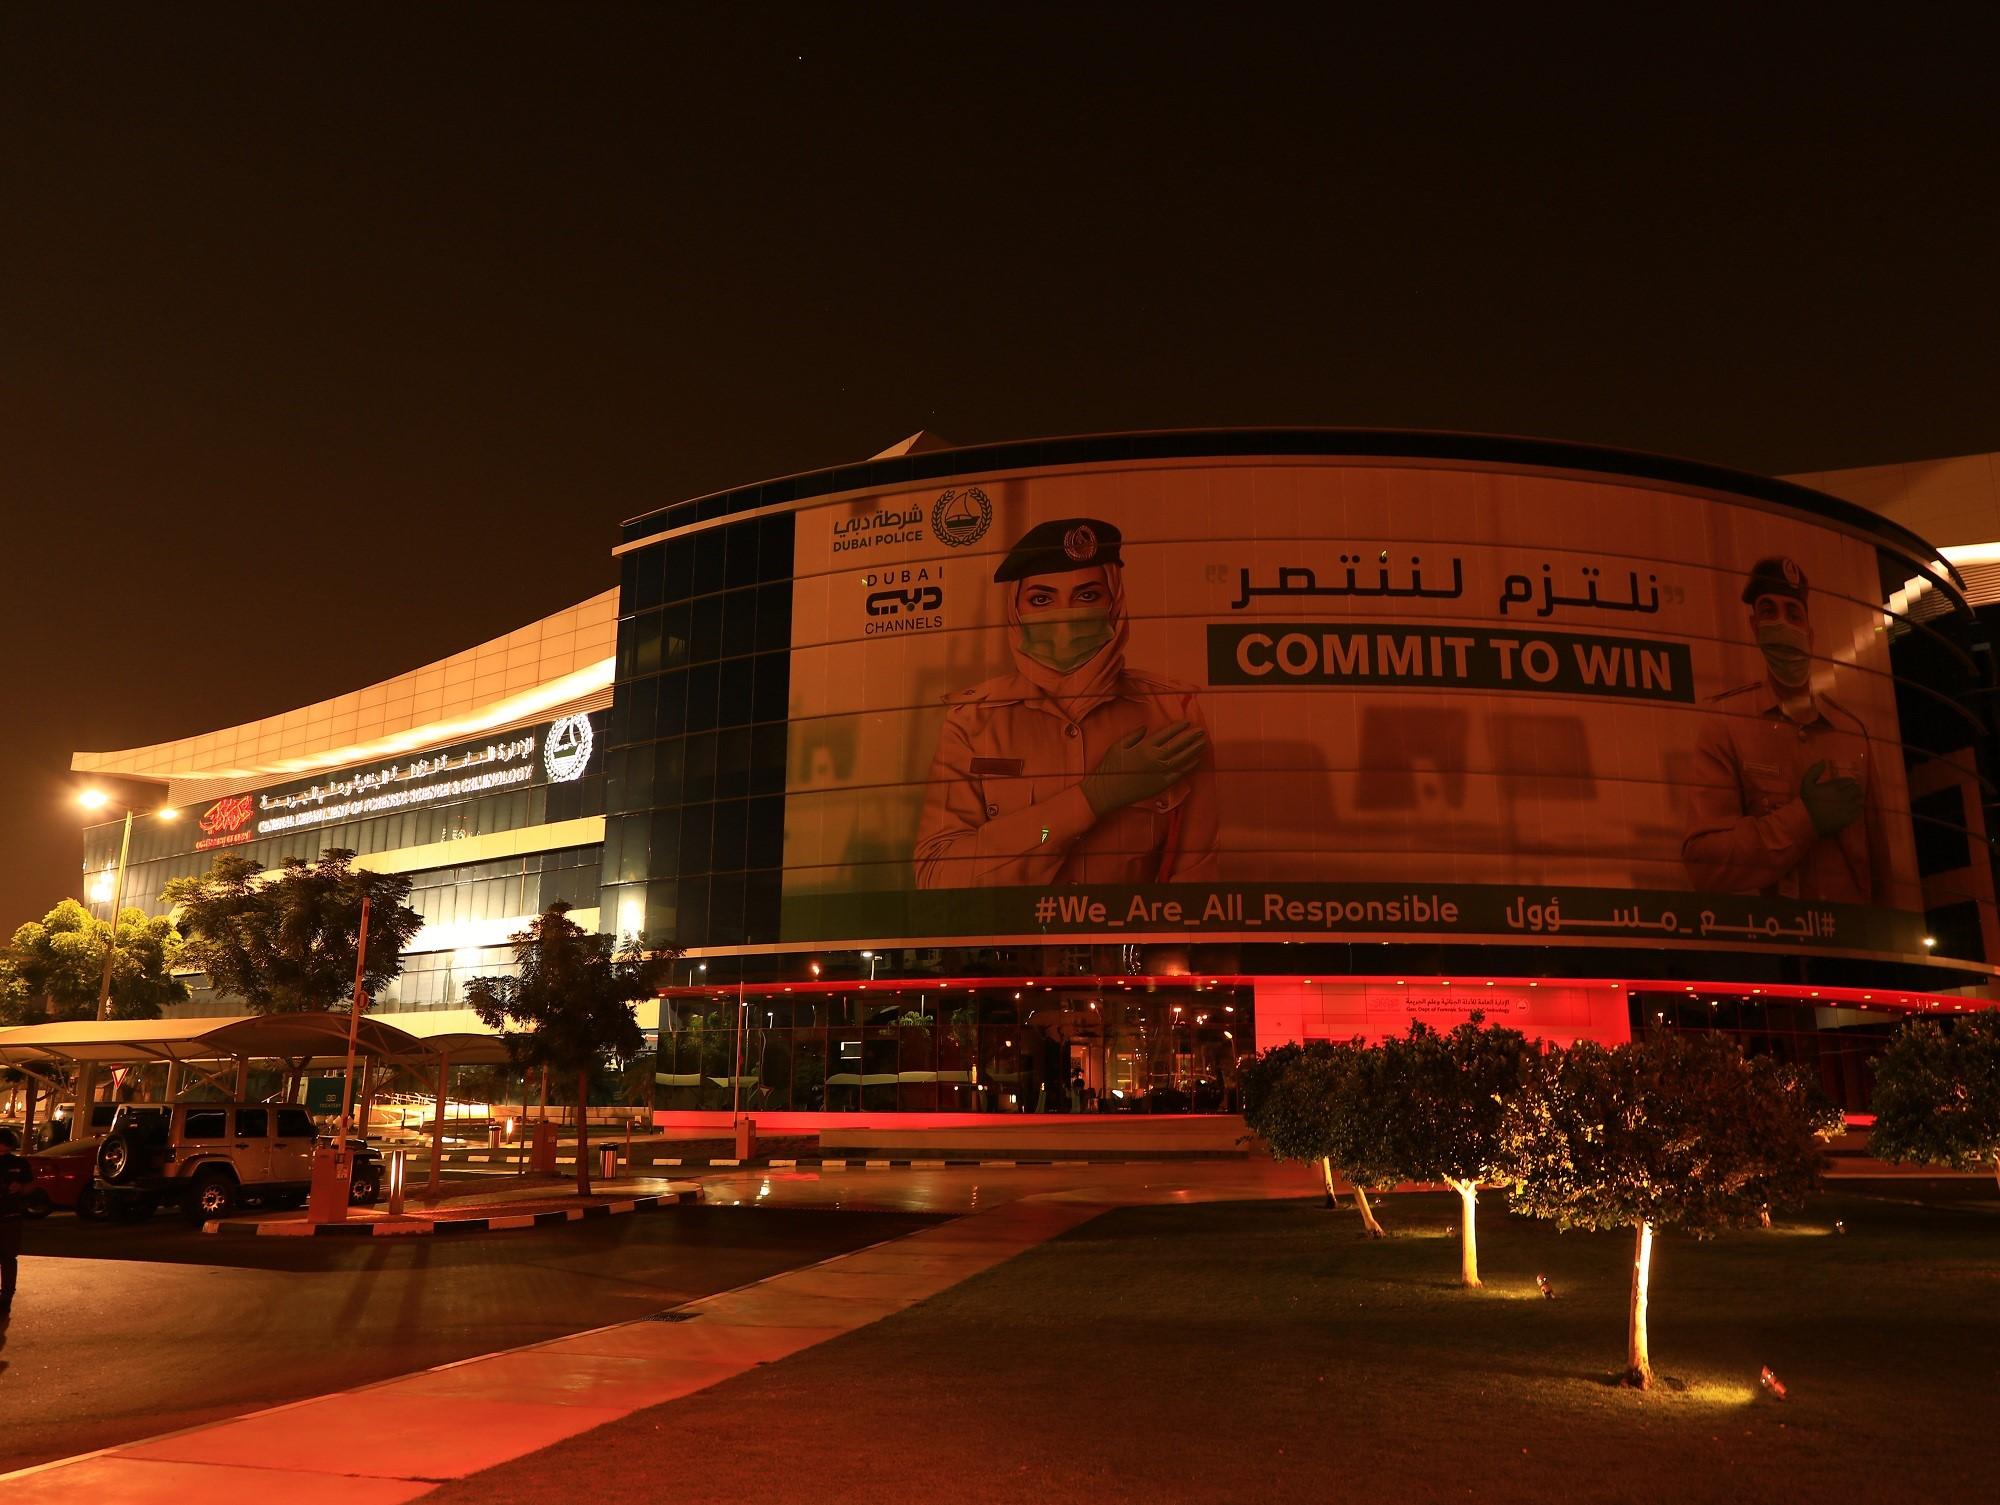 """مباني شرطة دبي باللون الأحمر احتفاءً باقتراب """"مسبار الأمل"""" من المريخ"""